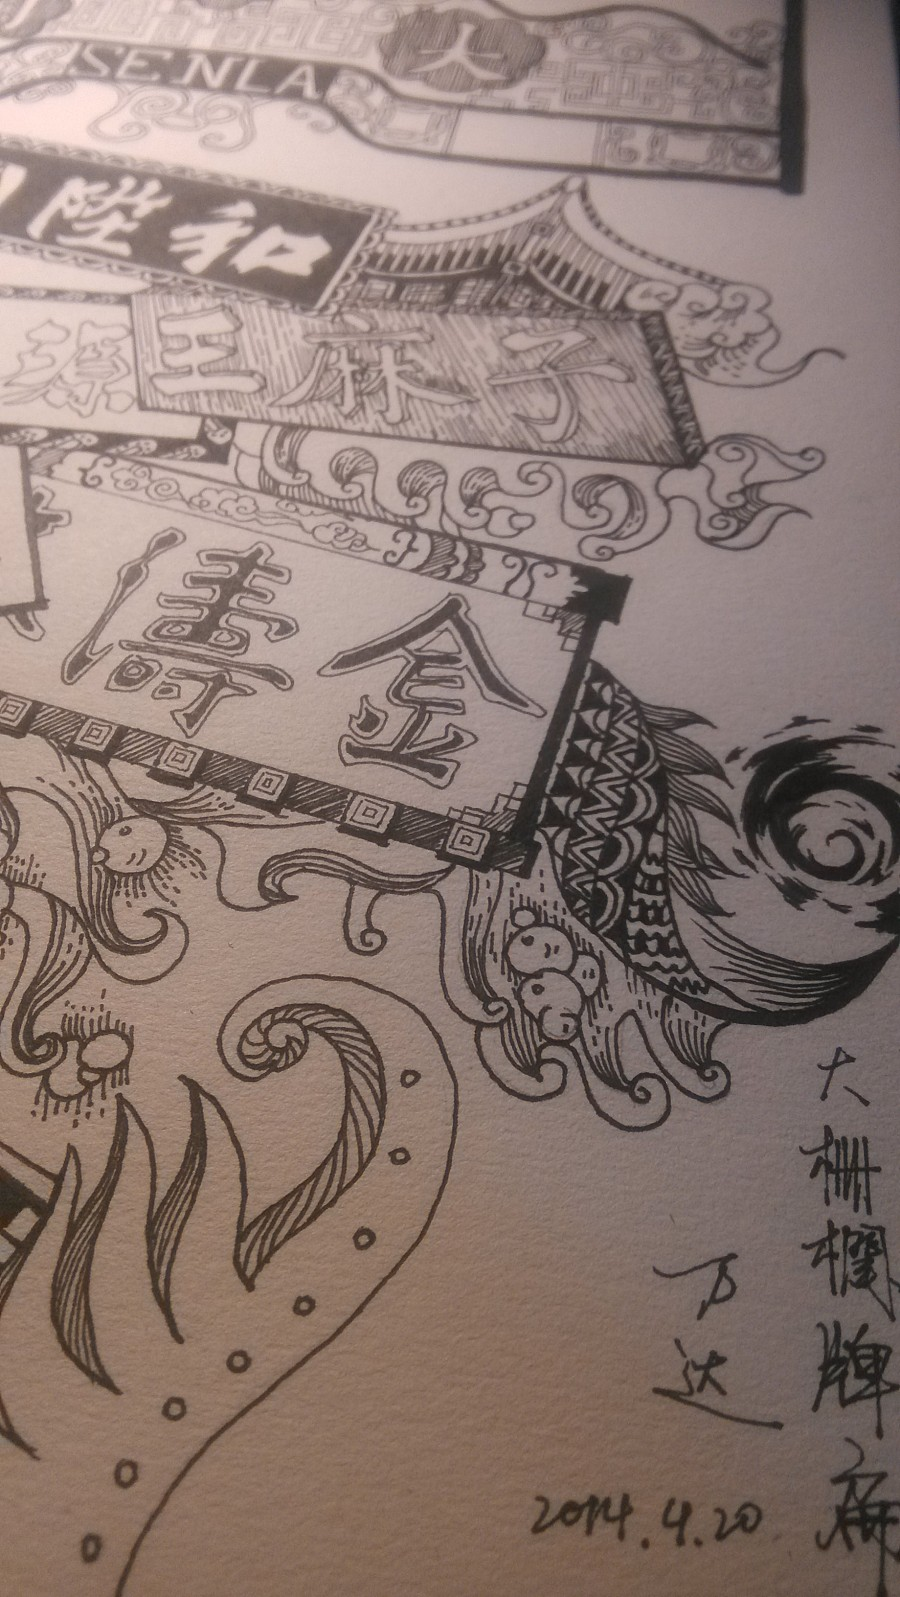 大栅栏牌匾手绘|绘画习作|插画|cafa达子